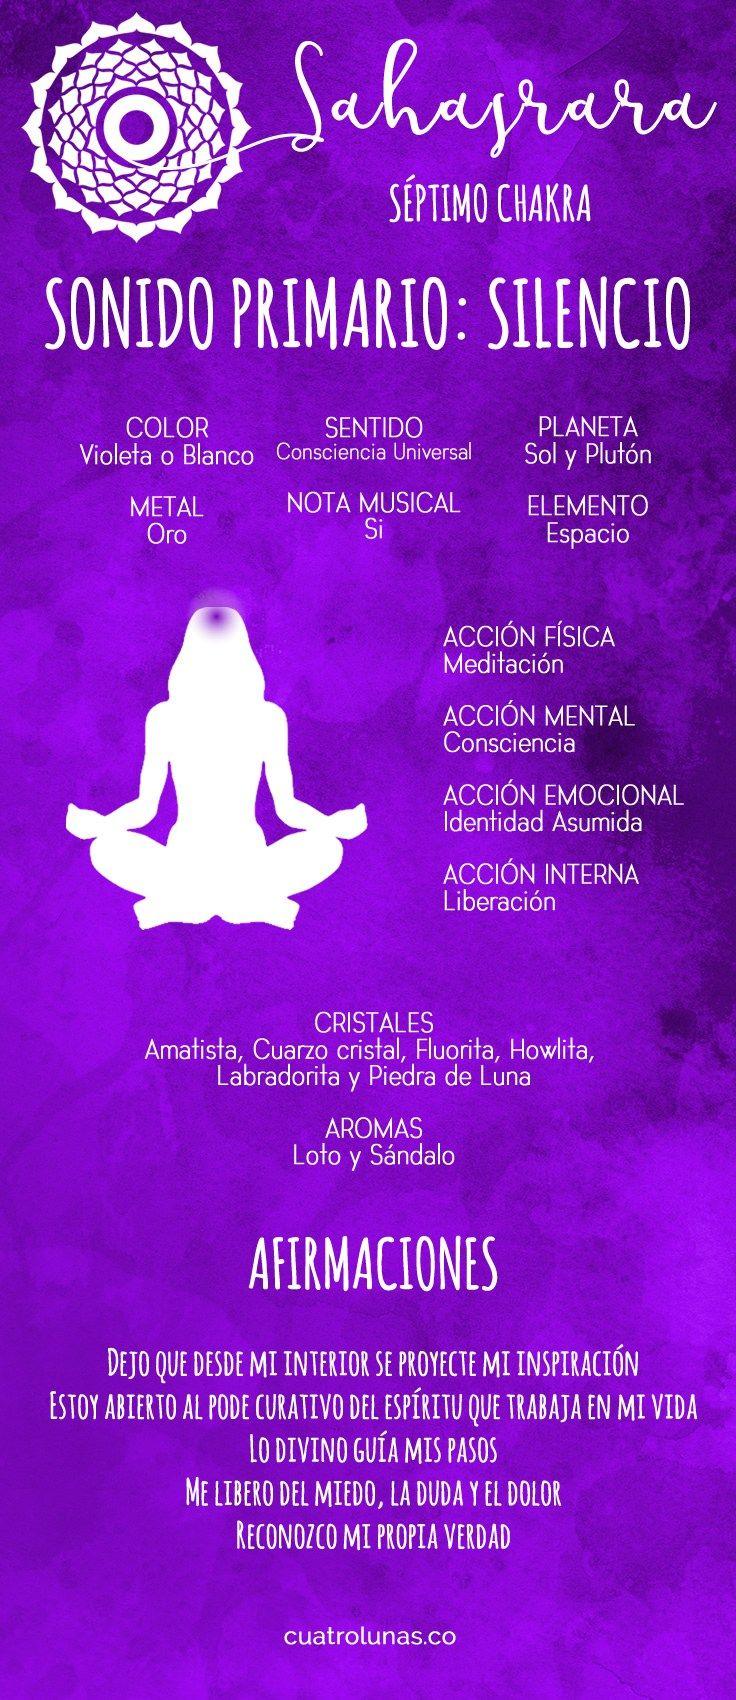 Esta es la séptima y última entrega de los artículos sobre la armonización de los siete chakras principales, terminaremos con Sahasrara que es el chakra de la conexión con lo divino y que nos lleva…